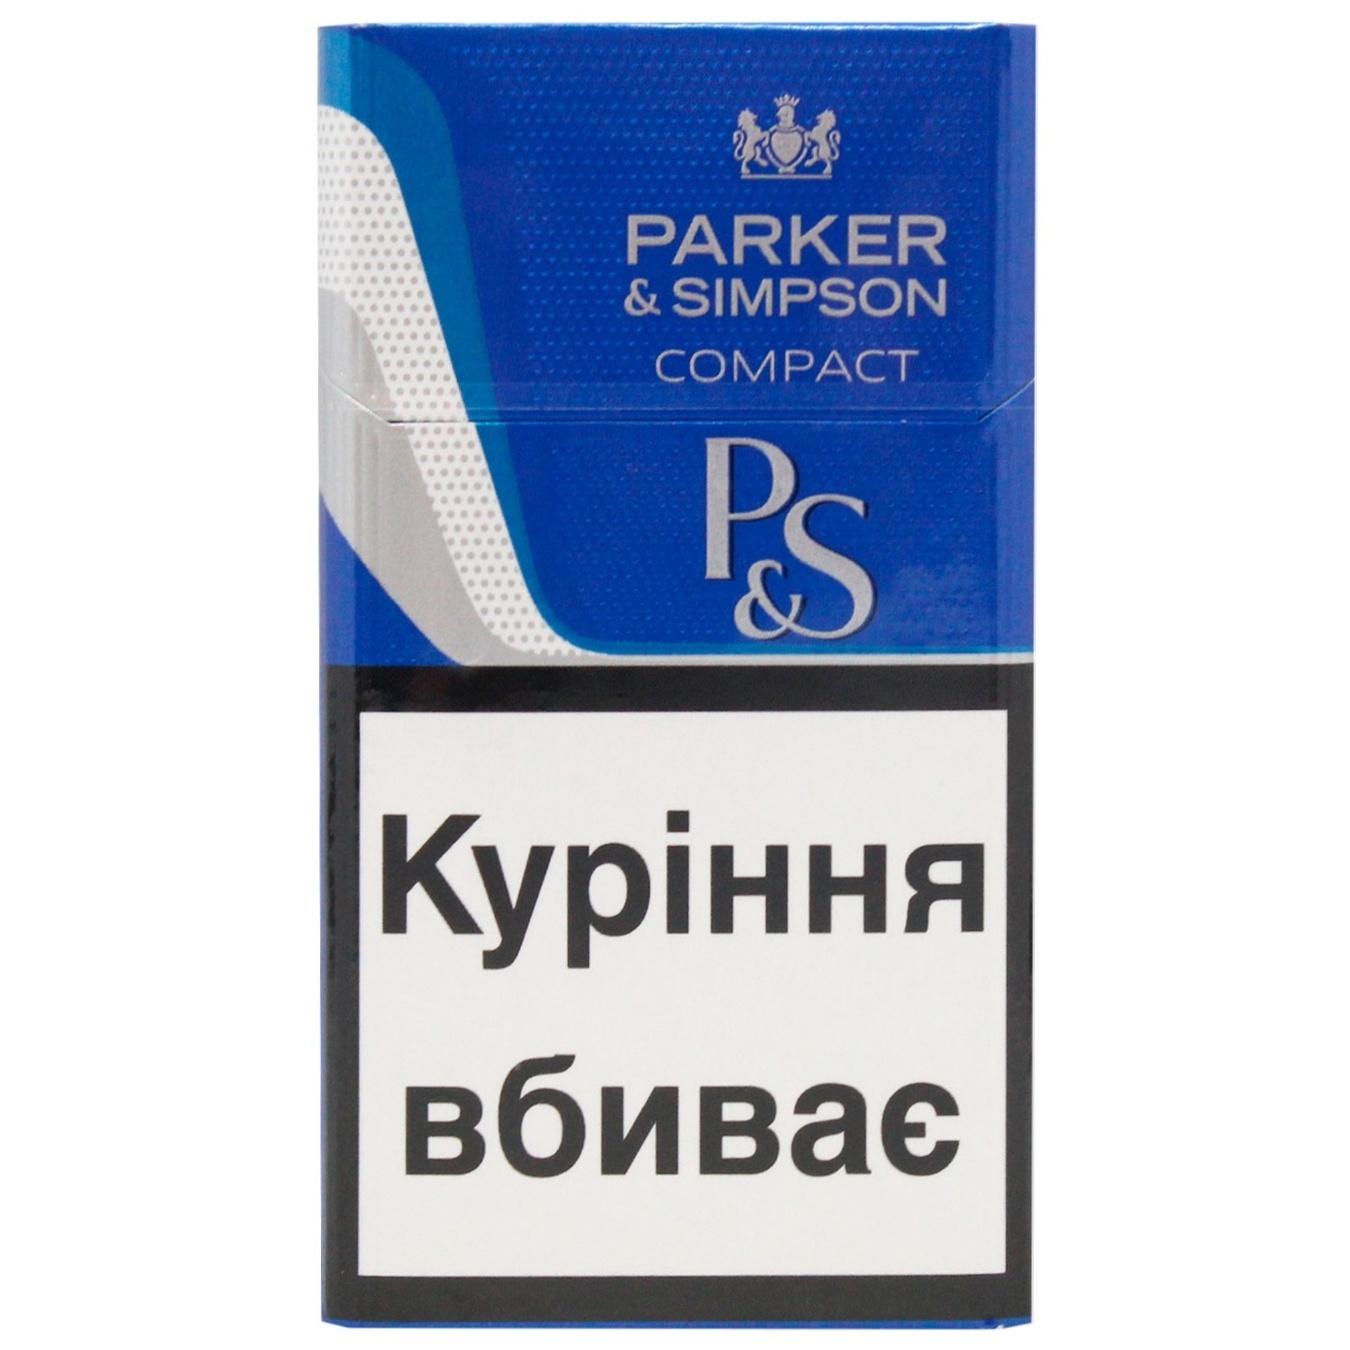 Купить сигареты on line группа кино пачка сигарет слушать онлайн бесплатно все